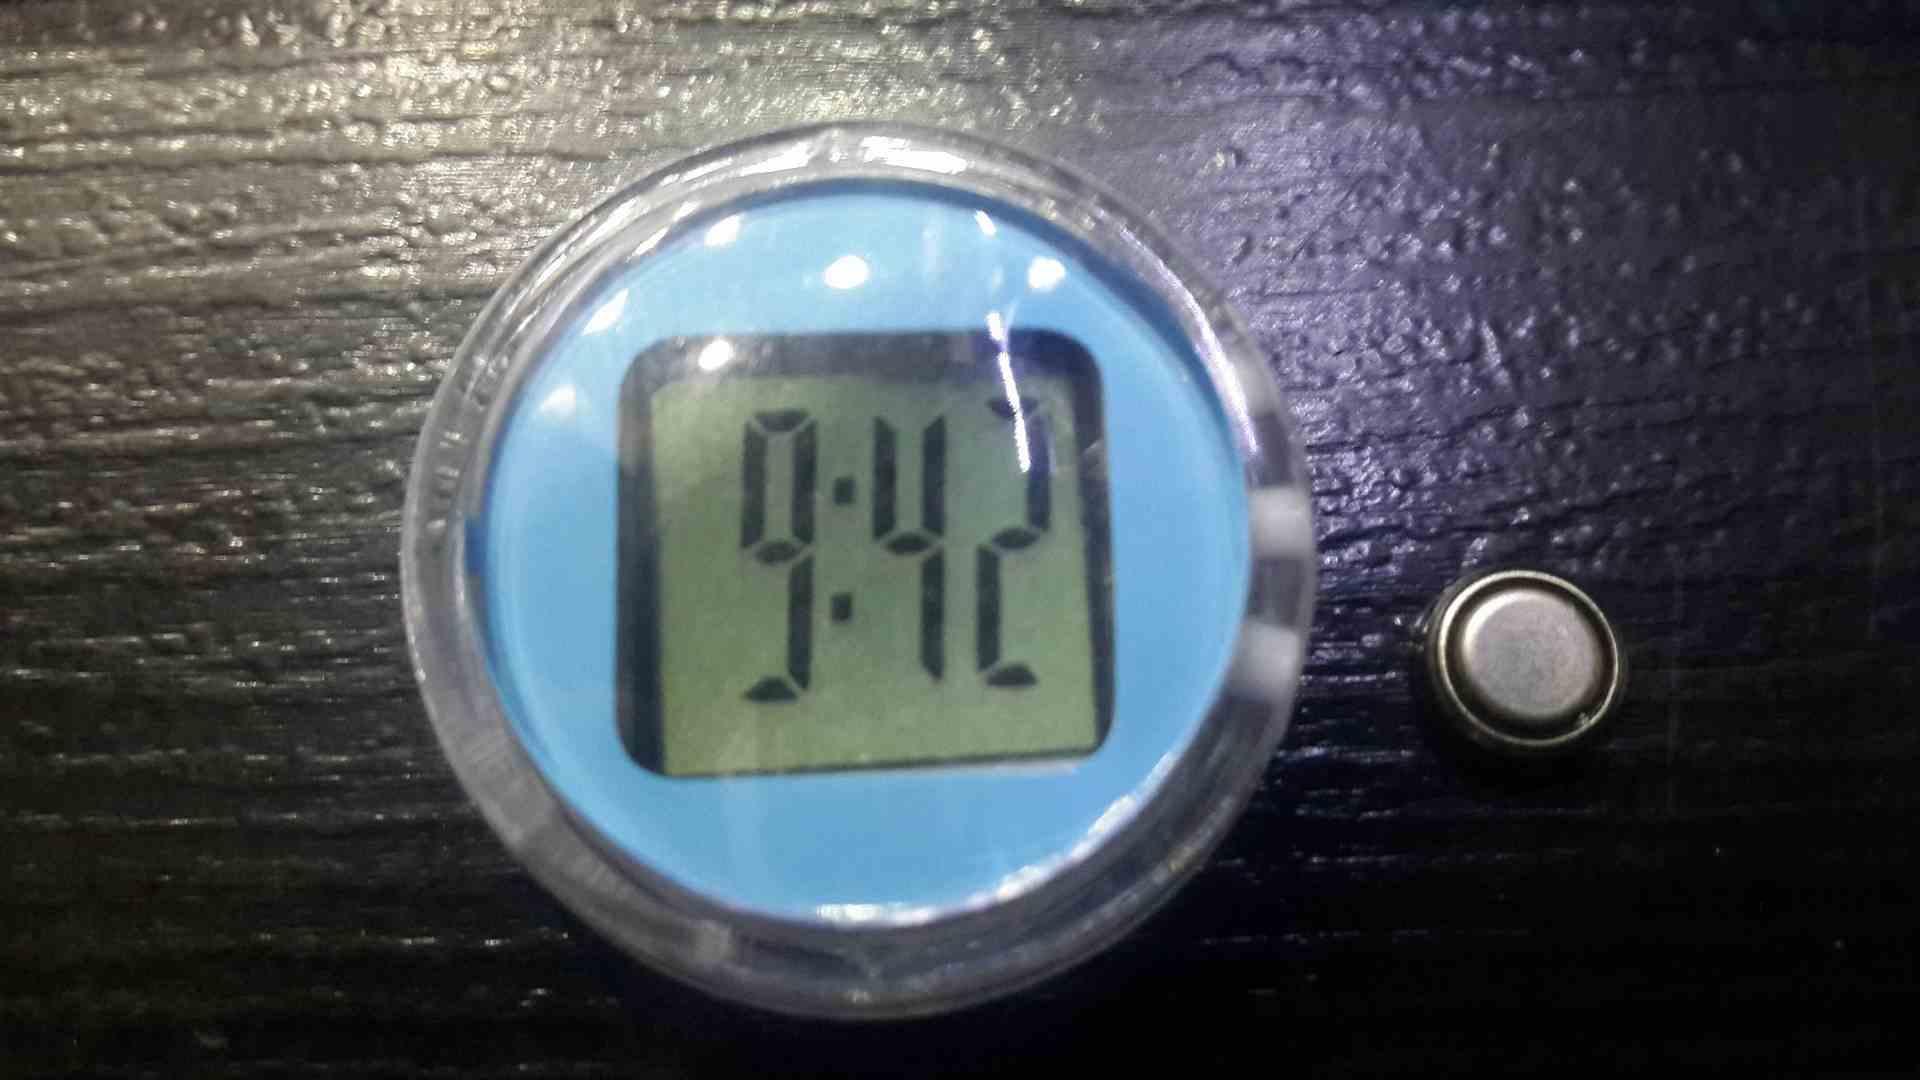 Dijital Su geçirmez Motosiklet saati incelemesi